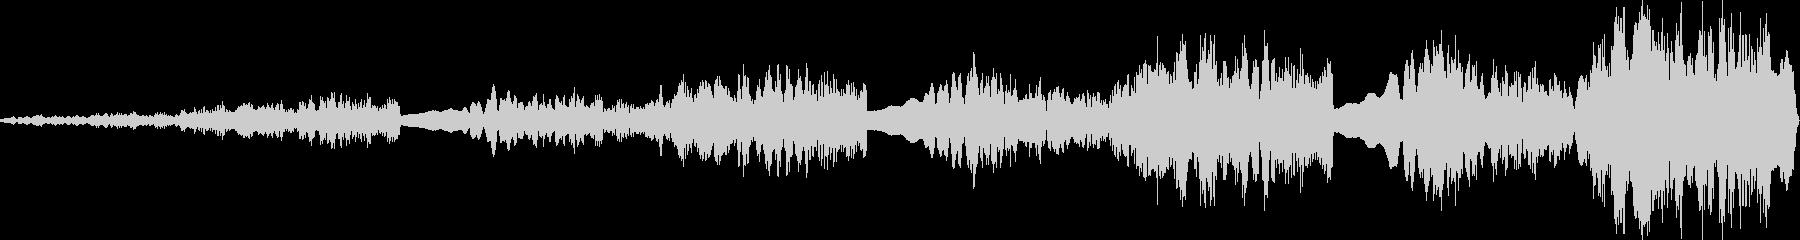 オドロオドロしい登場のBGMの未再生の波形